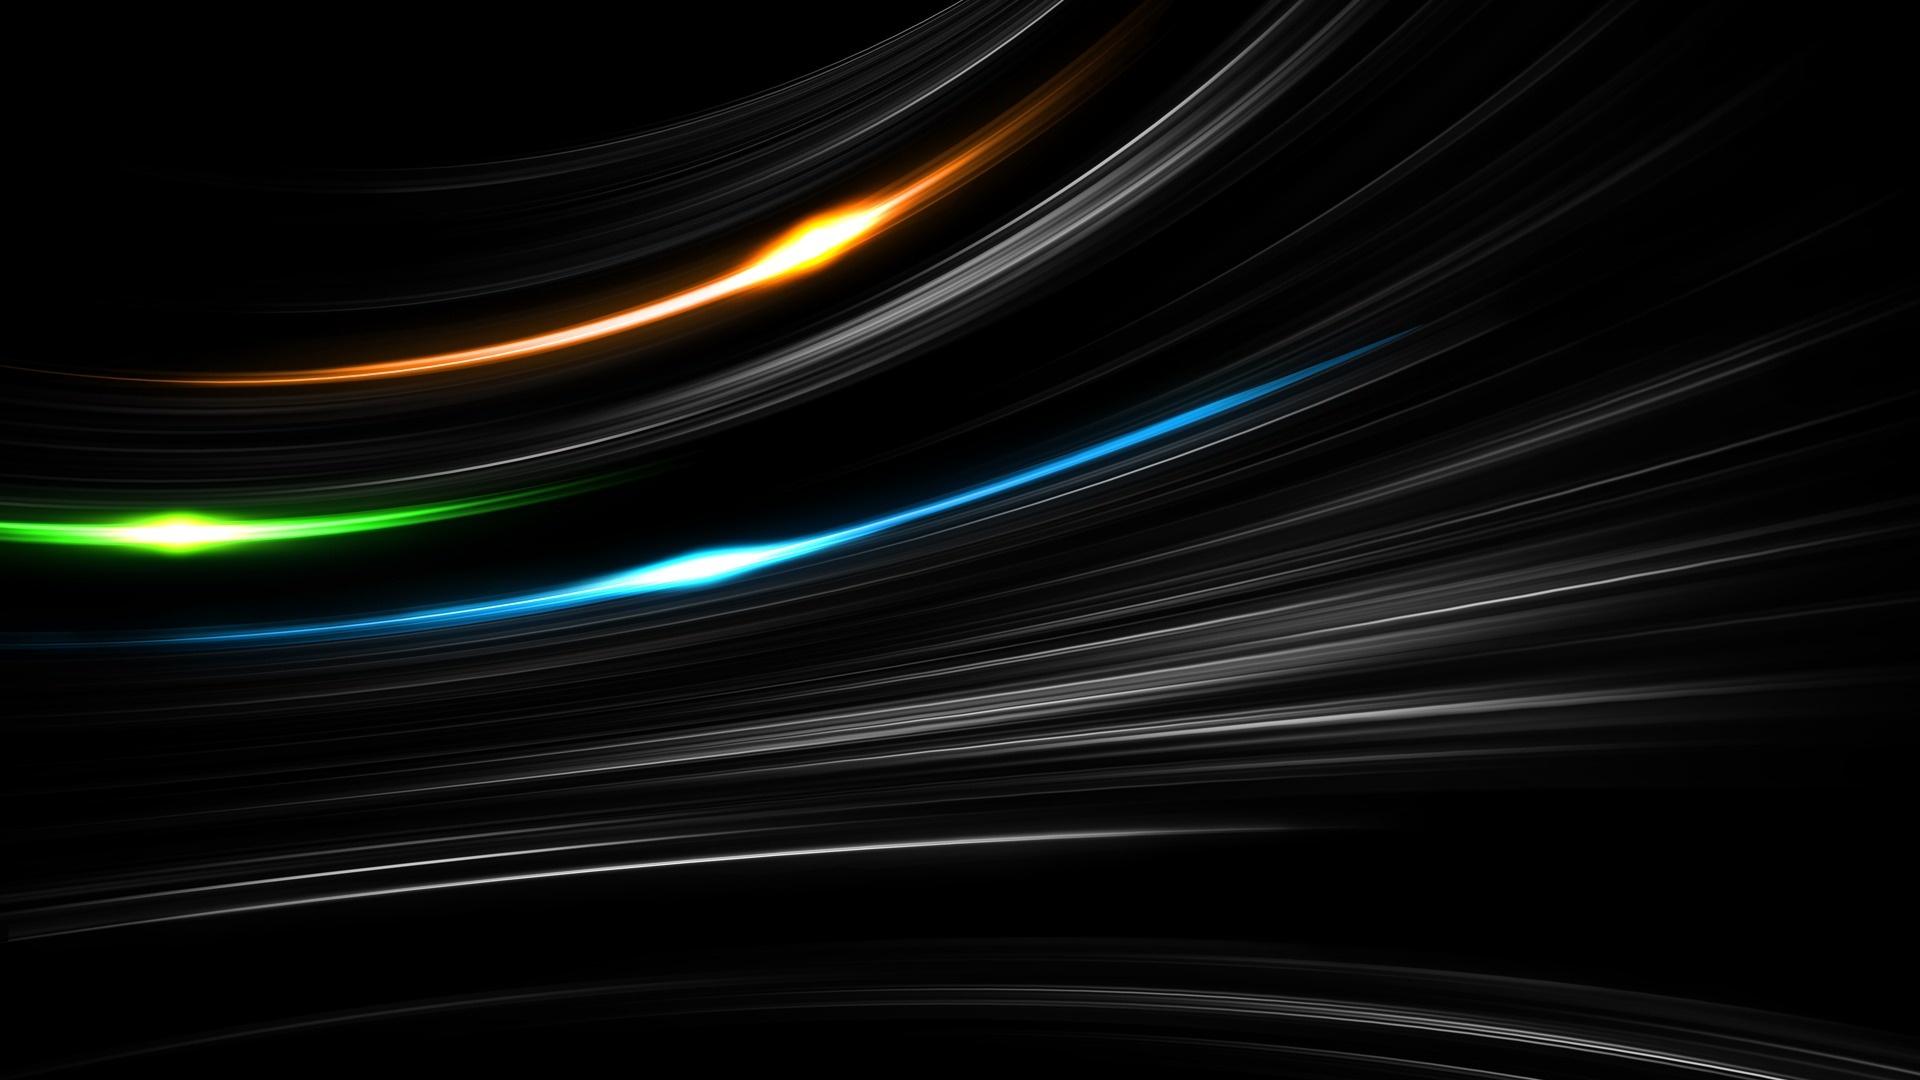 http://4.bp.blogspot.com/-UAT5_ho0wLI/UBs_PfUeozI/AAAAAAAAFC0/79hRerUgcqw/s0/light-blaze-hd-1080p-1920x1080.jpg